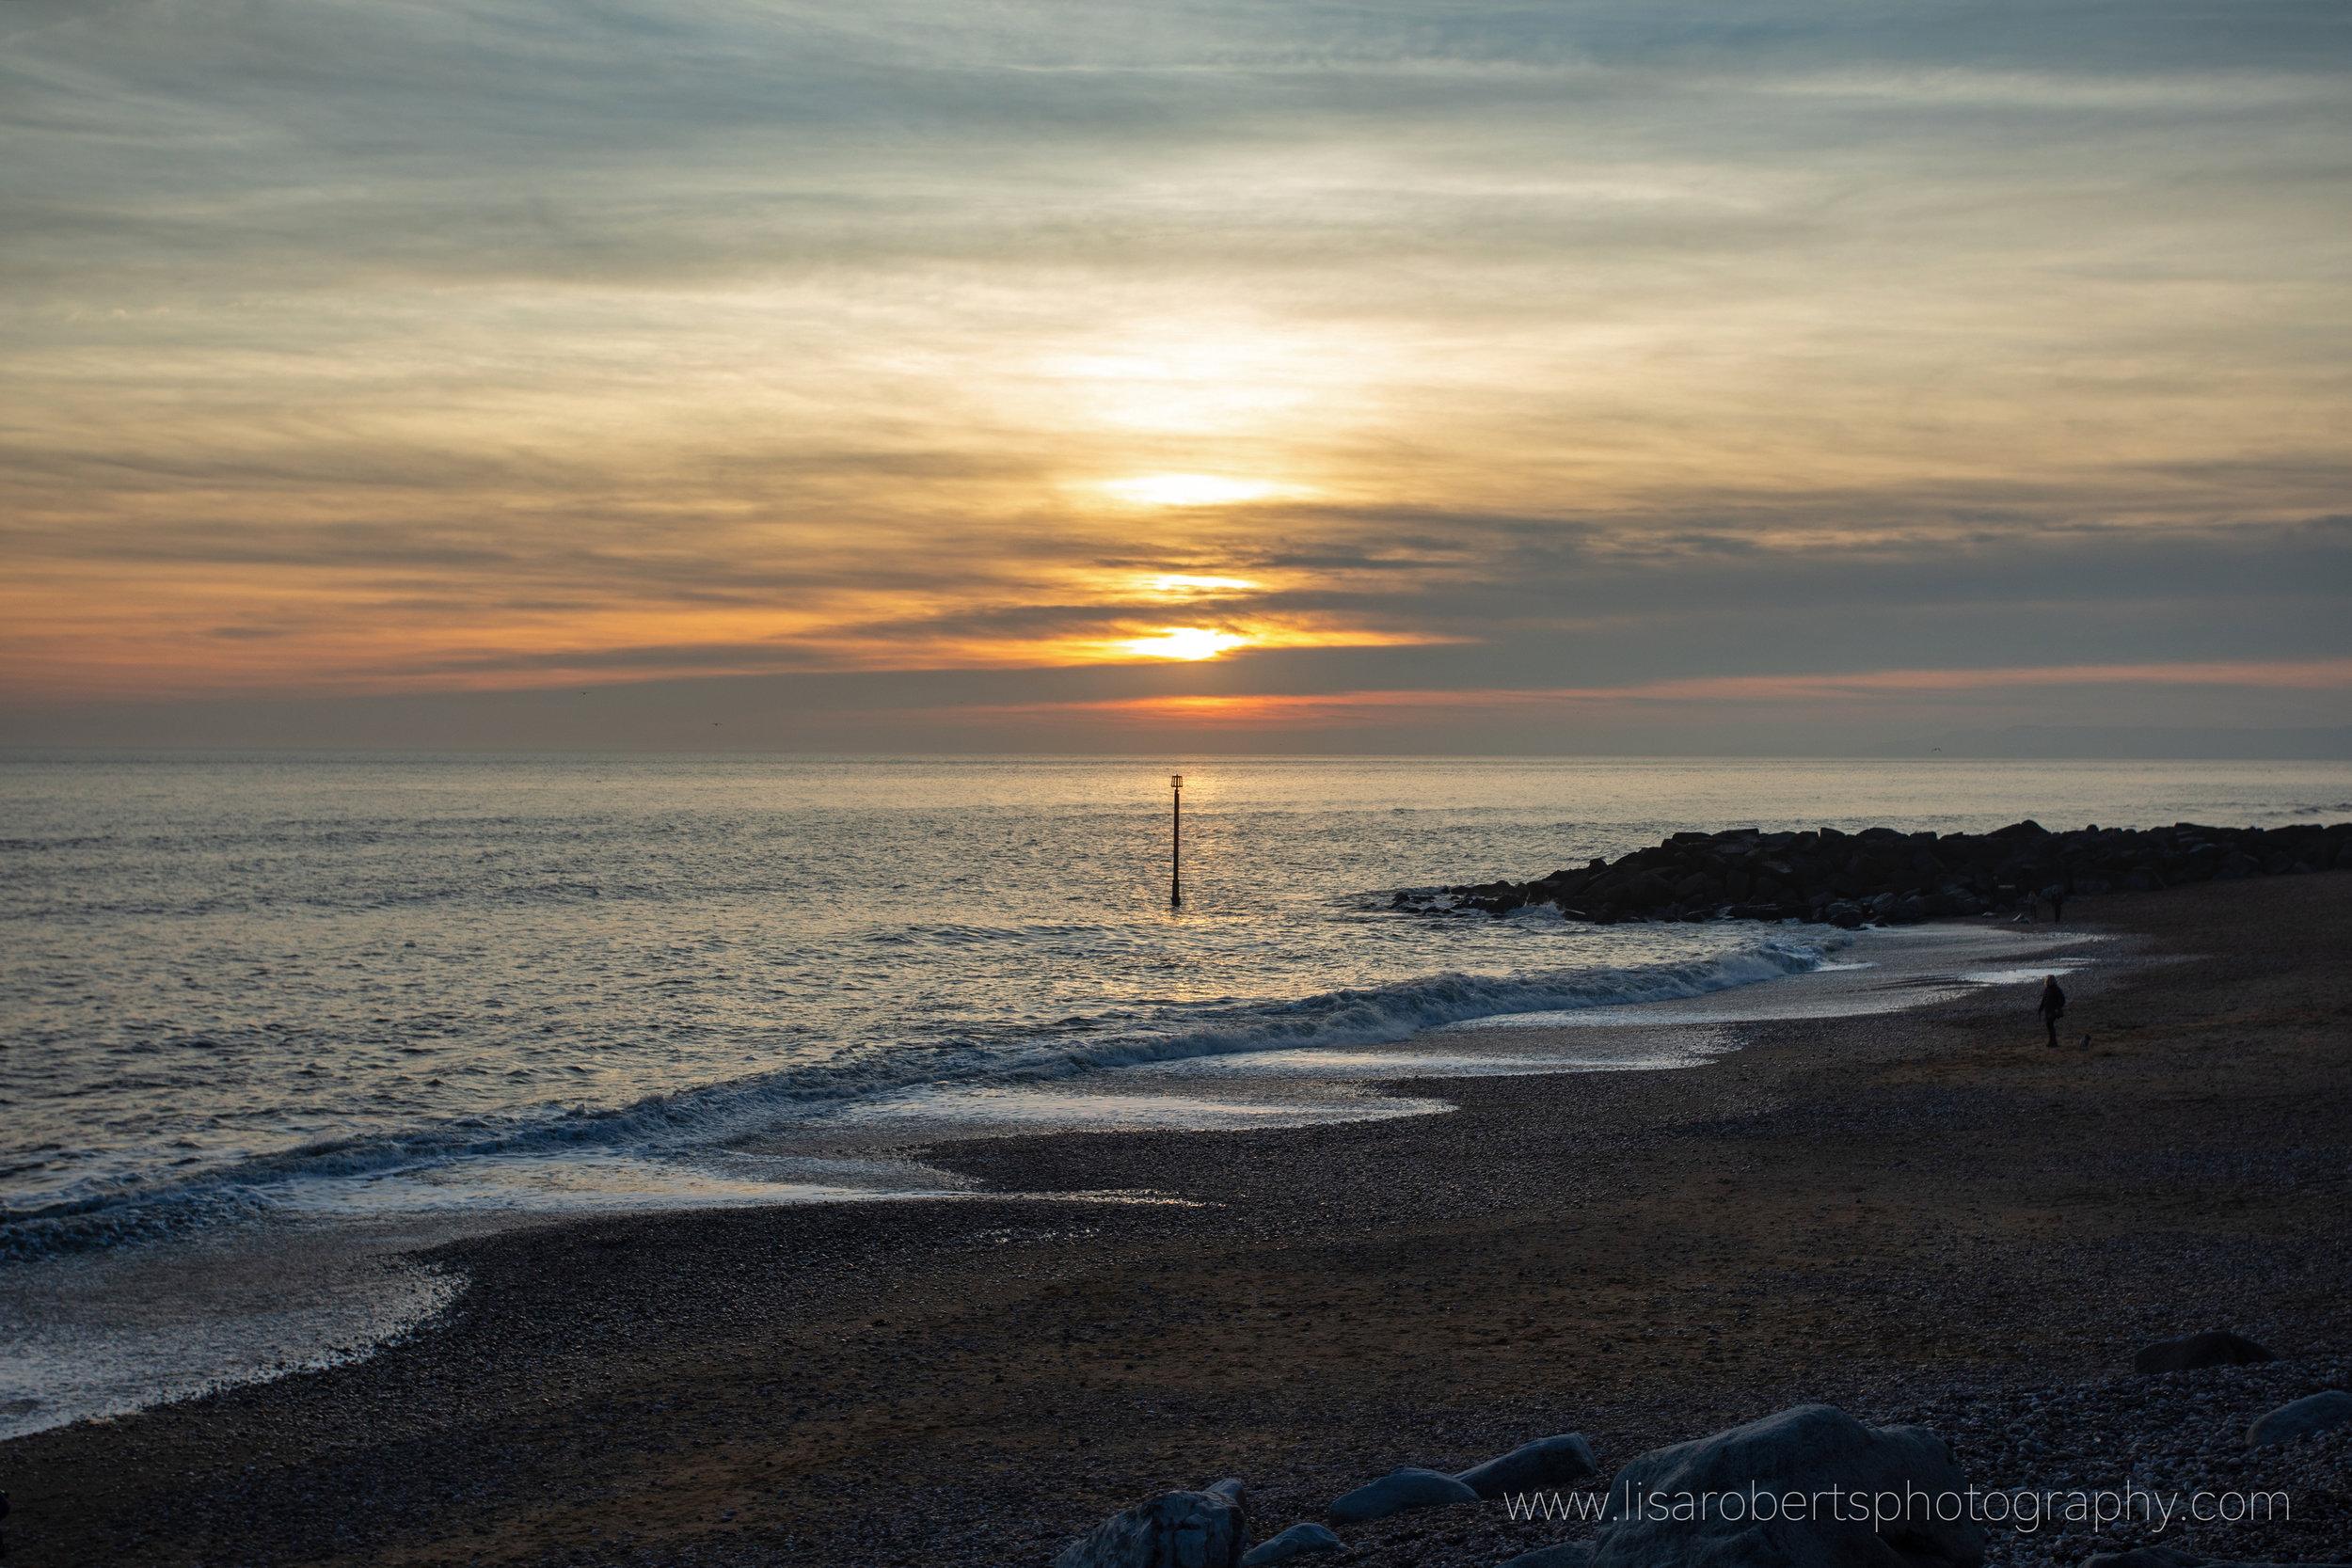 West Bay sunset, Dorset, England